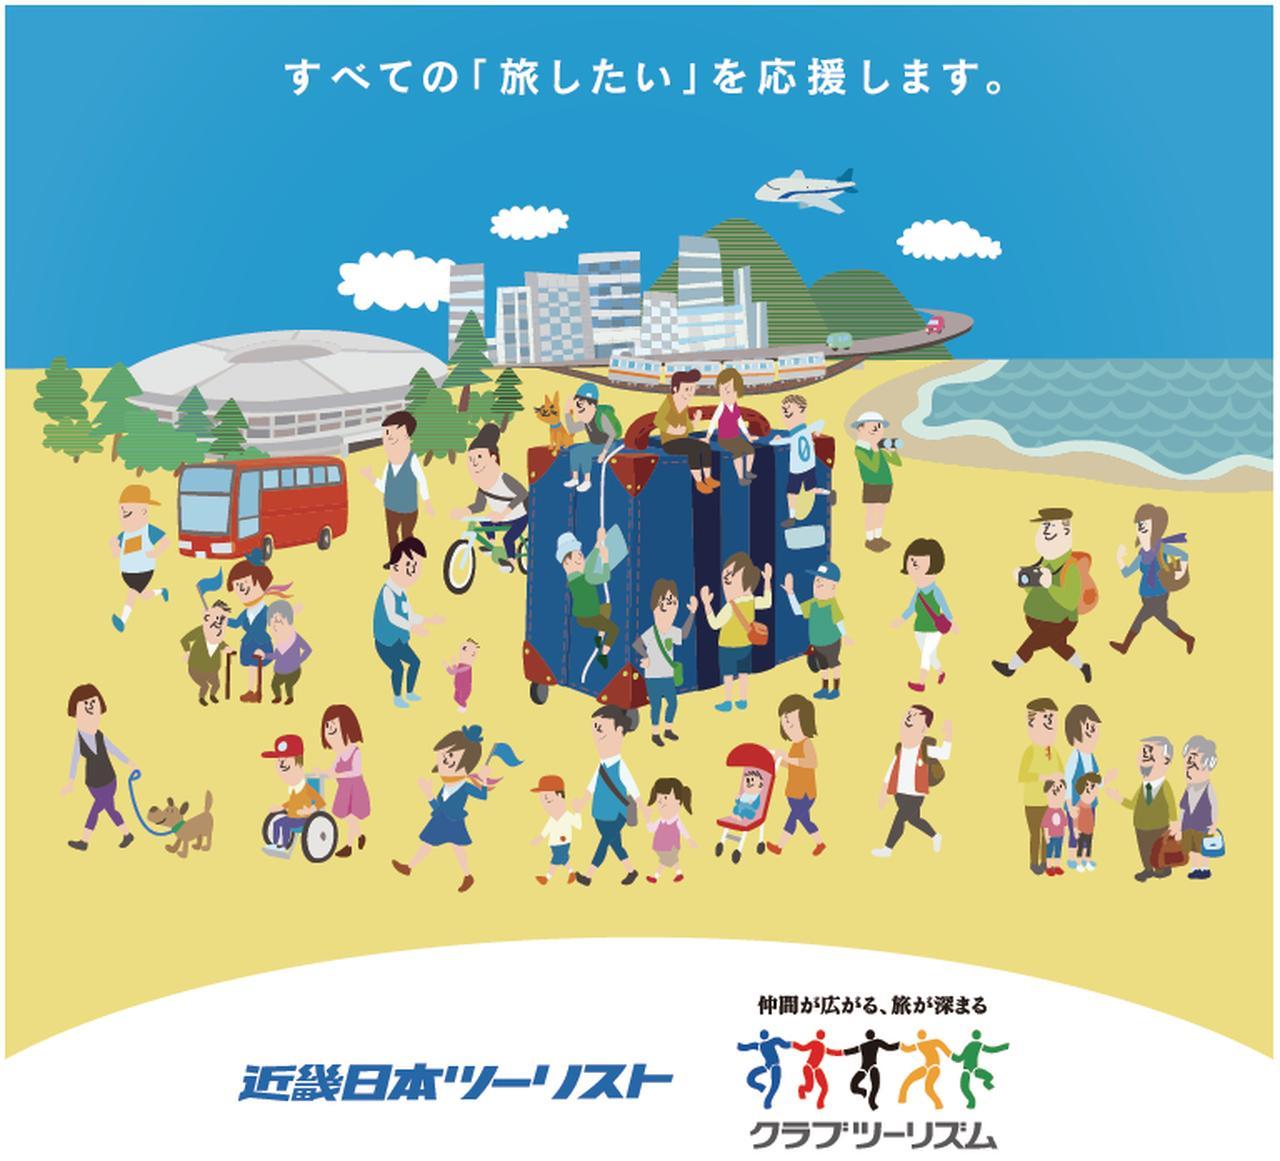 画像: KNT-CTホールディングスは、東京2020オリンピック・パラリンピック競技大会のオフィシャル旅行サービスパートナーです。 近畿日本ツーリストとクラブツーリズムは、KNT-CTホールディングスのグループ会社です。